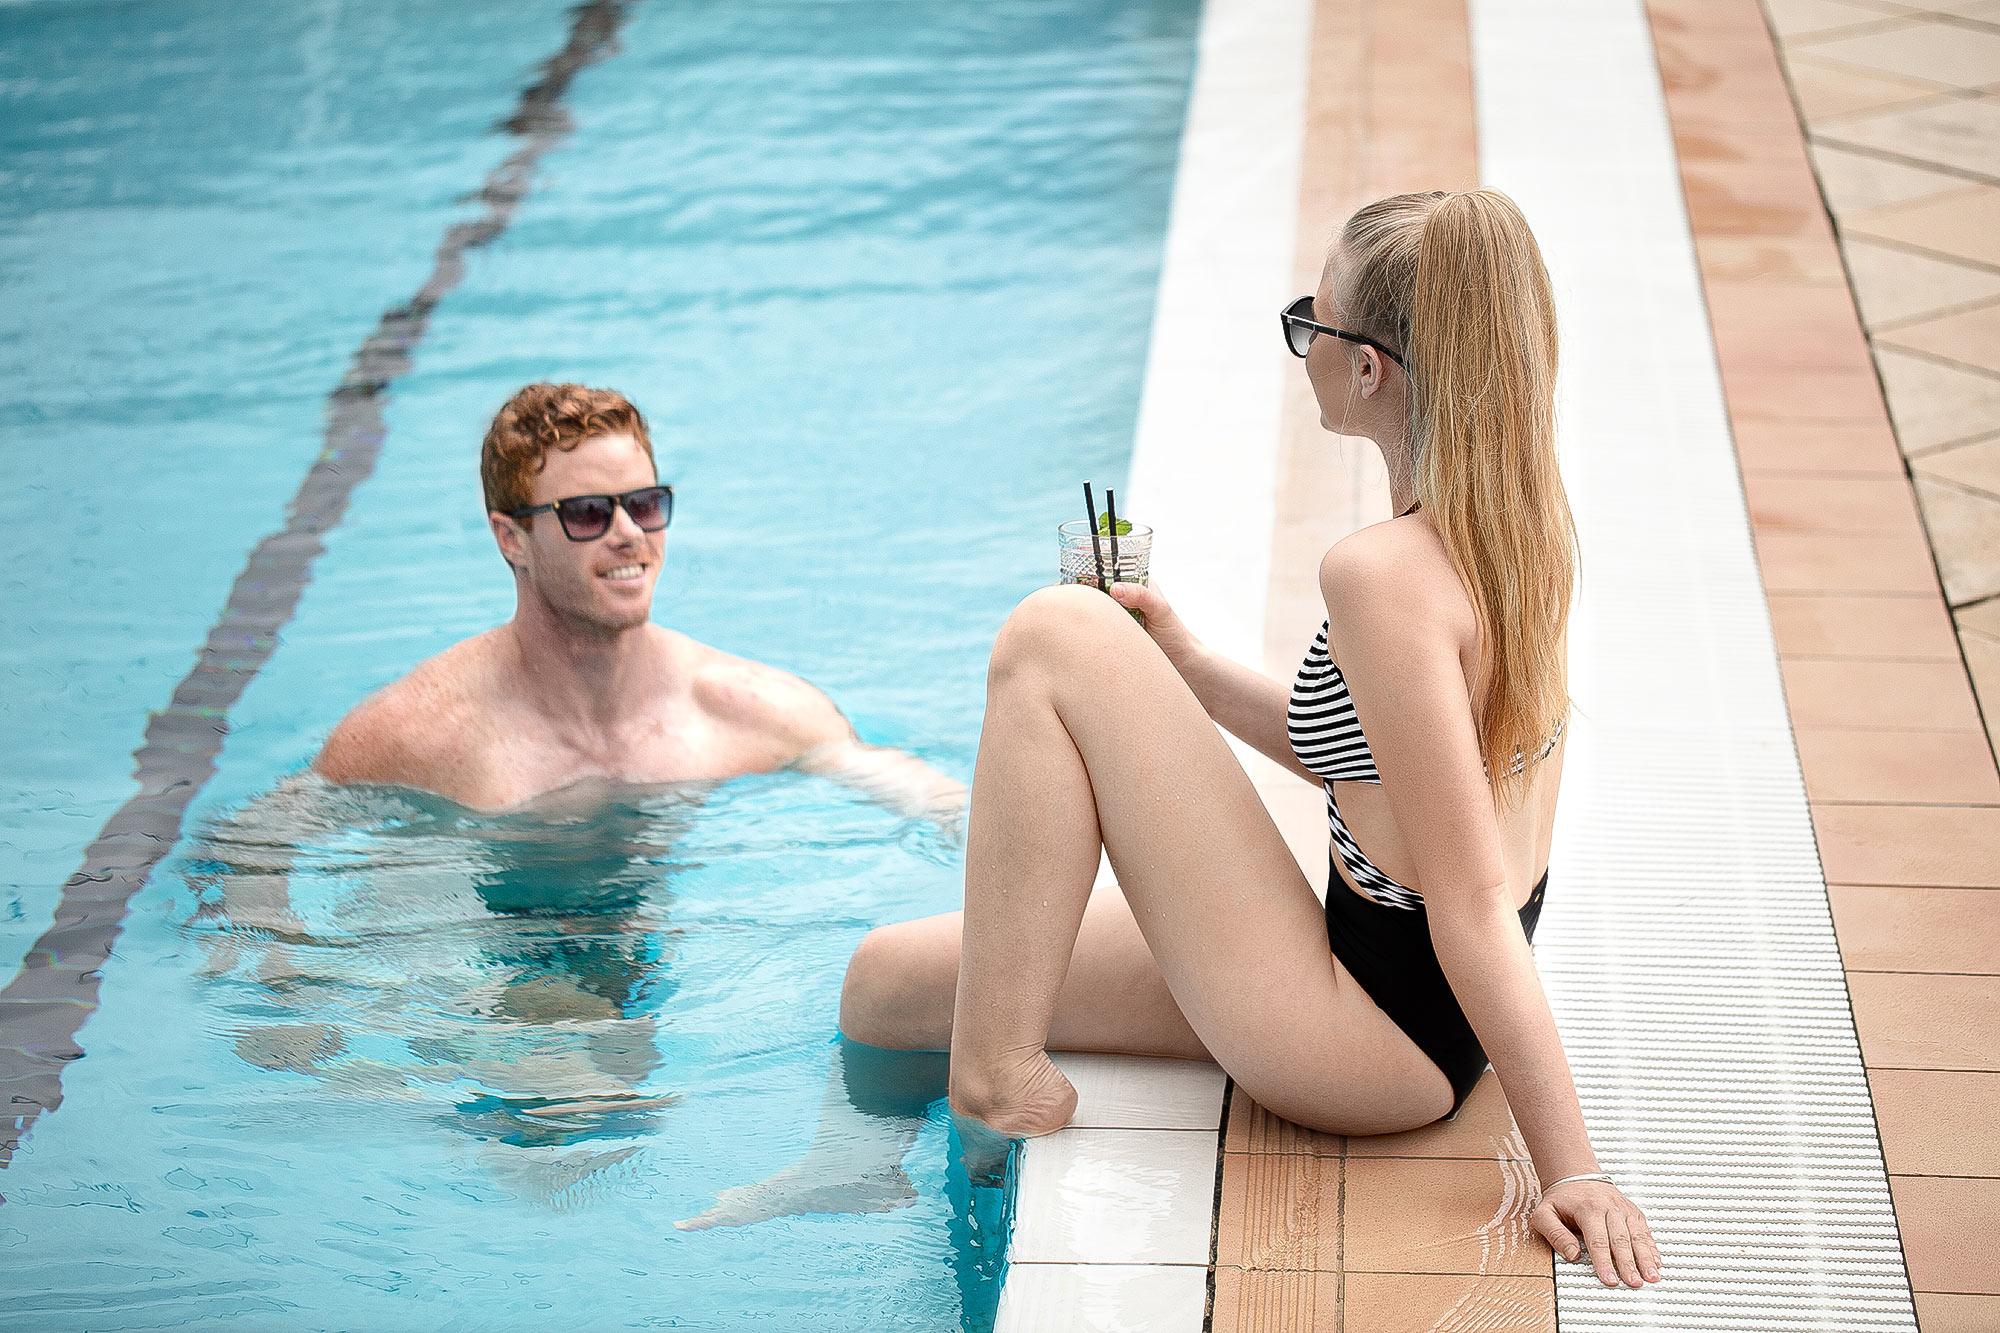 Hotel Sommer Lifestyle Fotografie; Adrian Kilchherr Schweiz Deutschland Weltweit